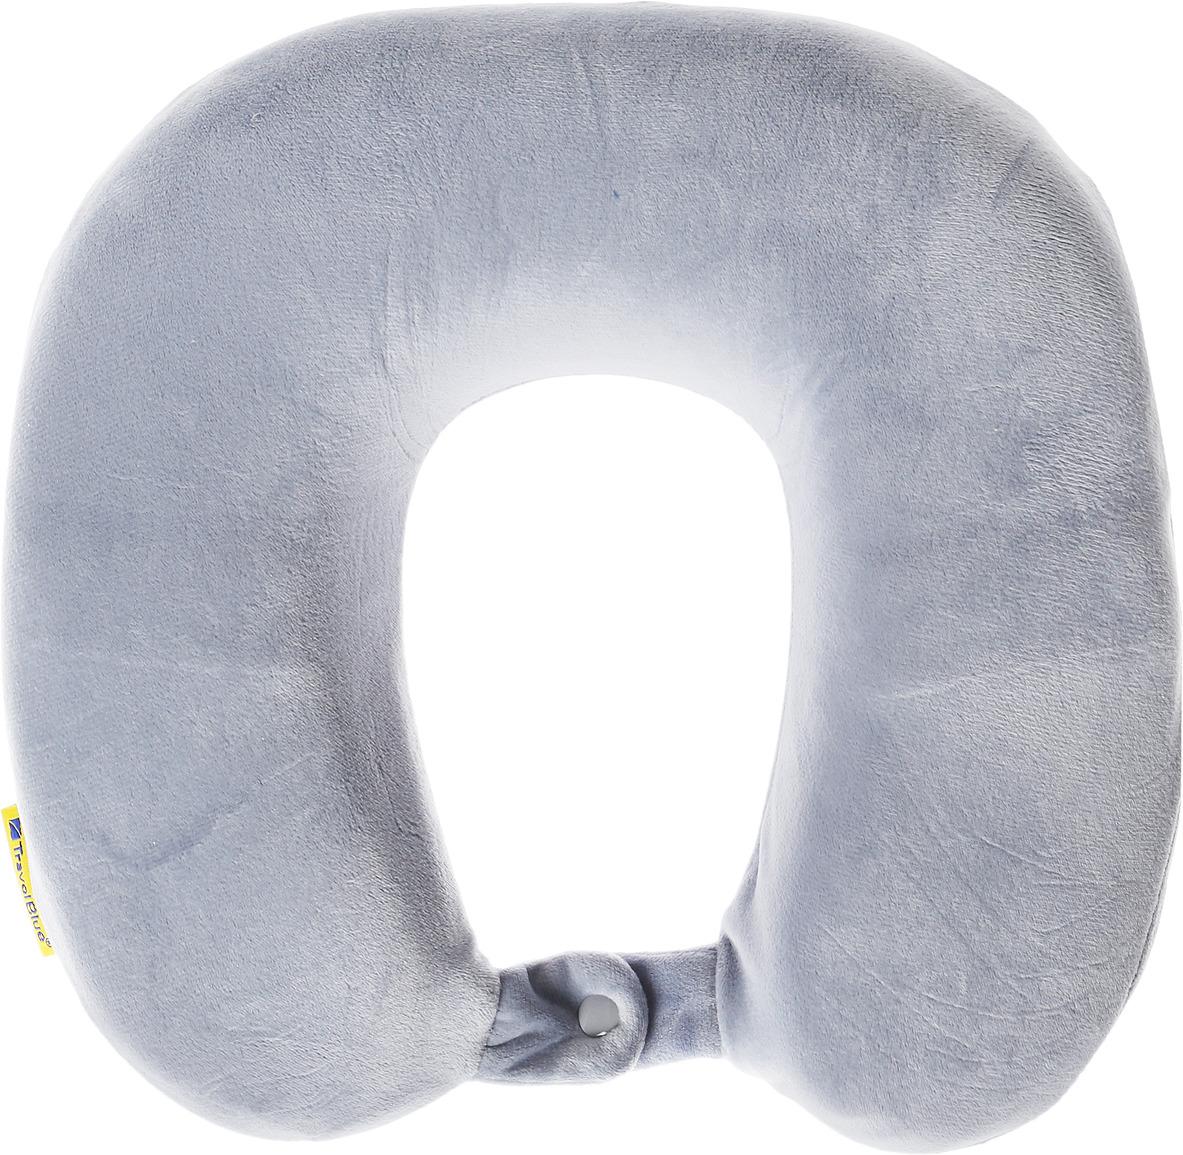 Подушка для путешествий Travel Blue Memory Foam Pillow, с эффектом памяти, цвет: синий, 29 х 28 х 9 см подушки arya подушка memory foam 40х60